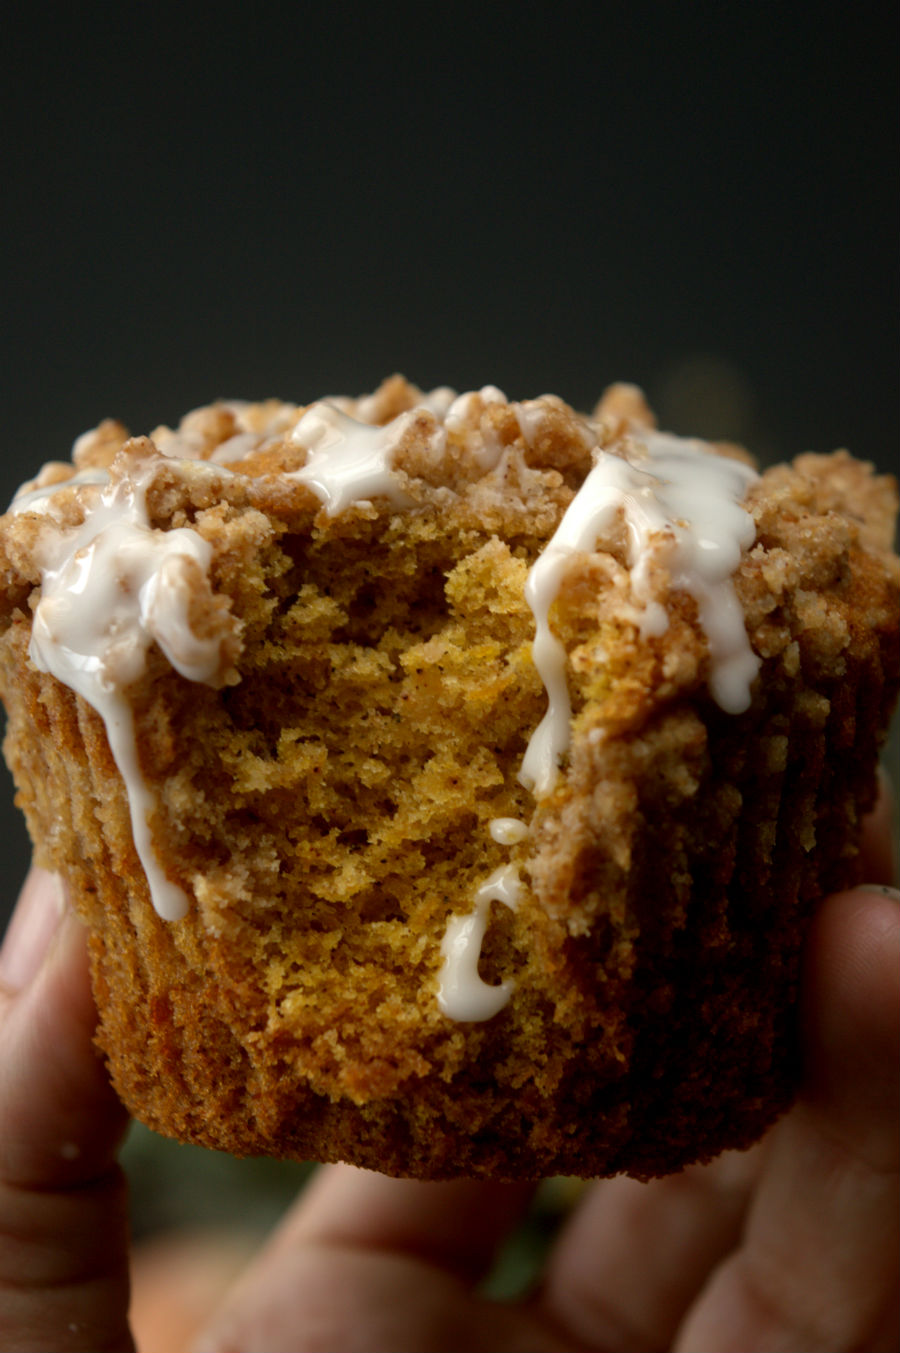 Top 10 Superalimentos: La Calabaza-Receta de Muffins de Calabaza con Streusel